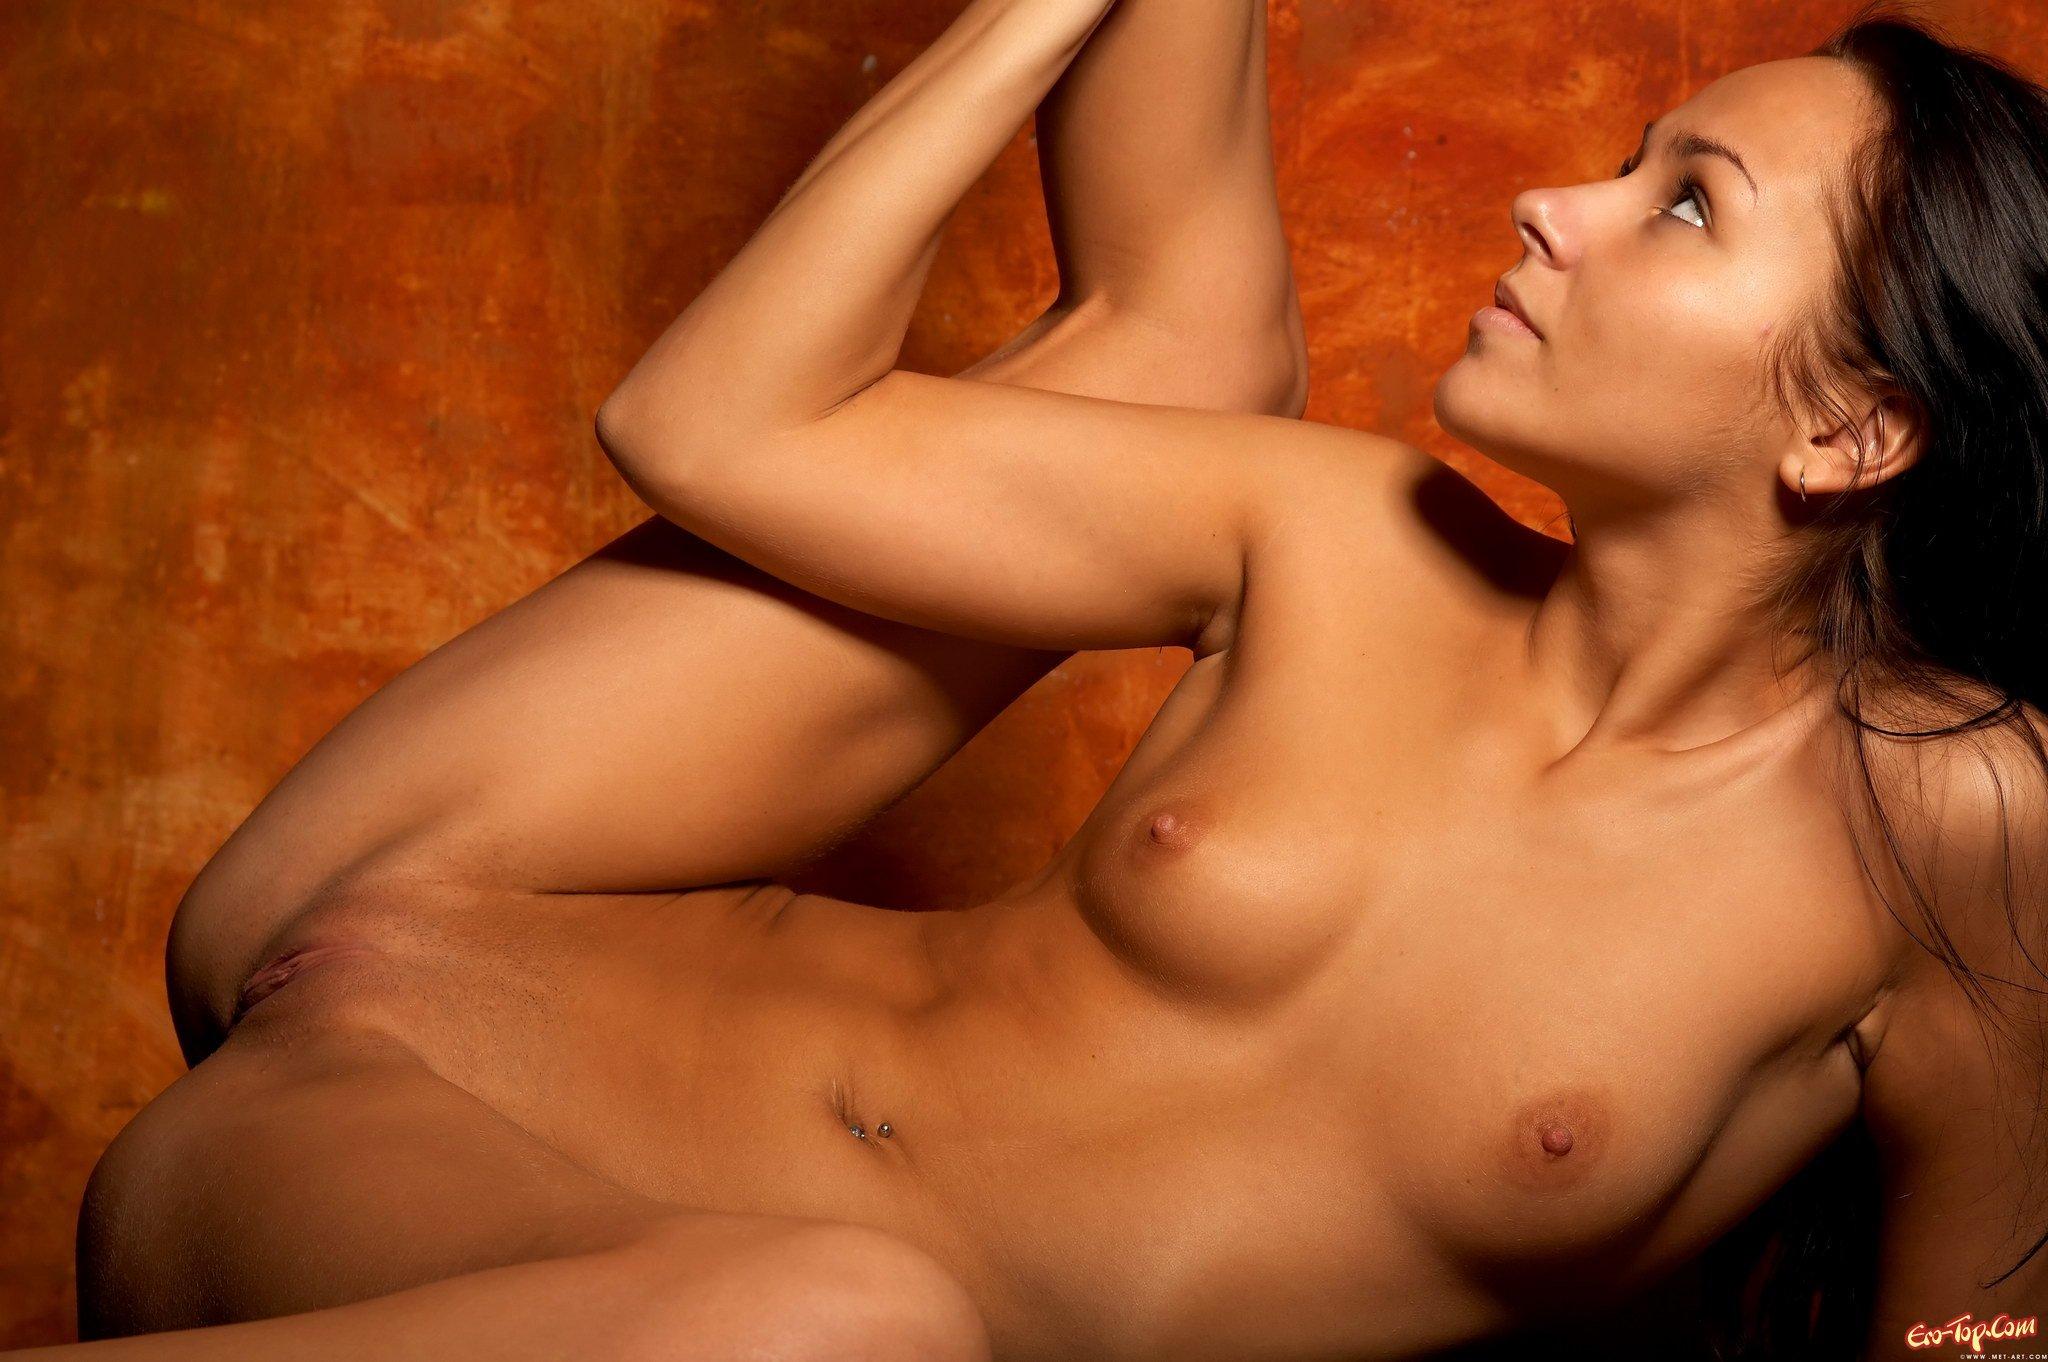 golie-seksualnie-devushki-seks